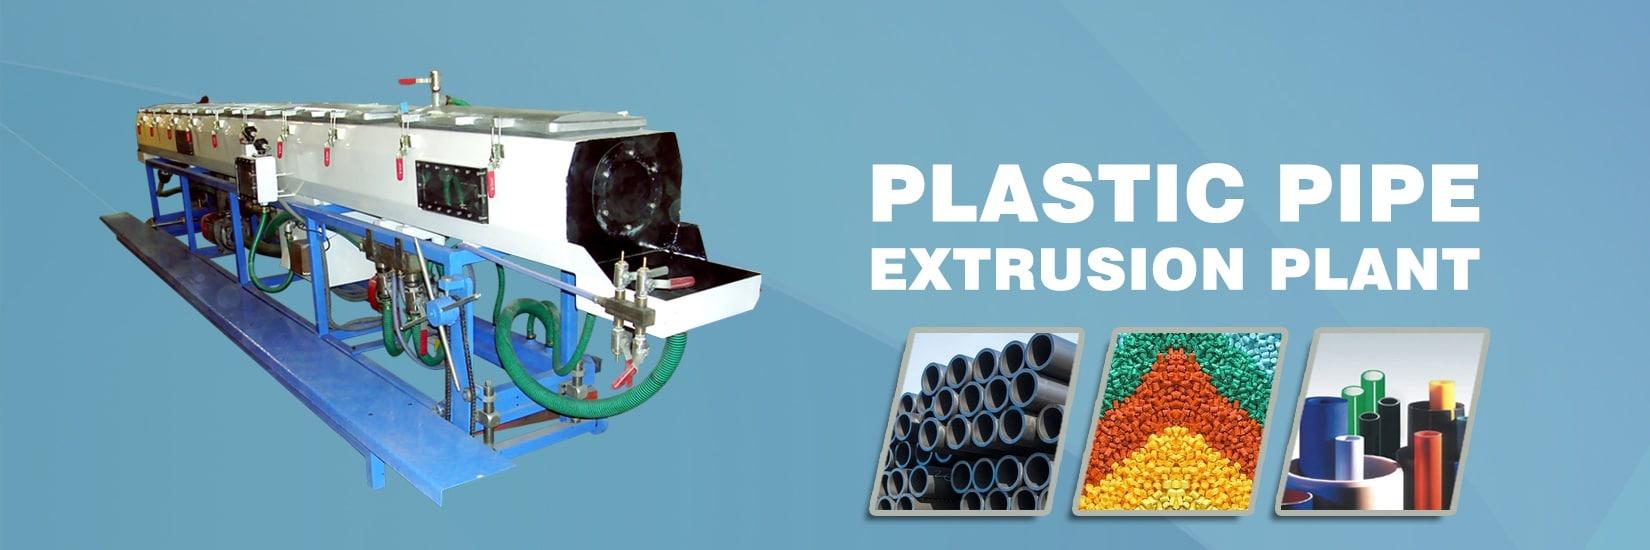 Plastic Pipe Extrusion Plant in India